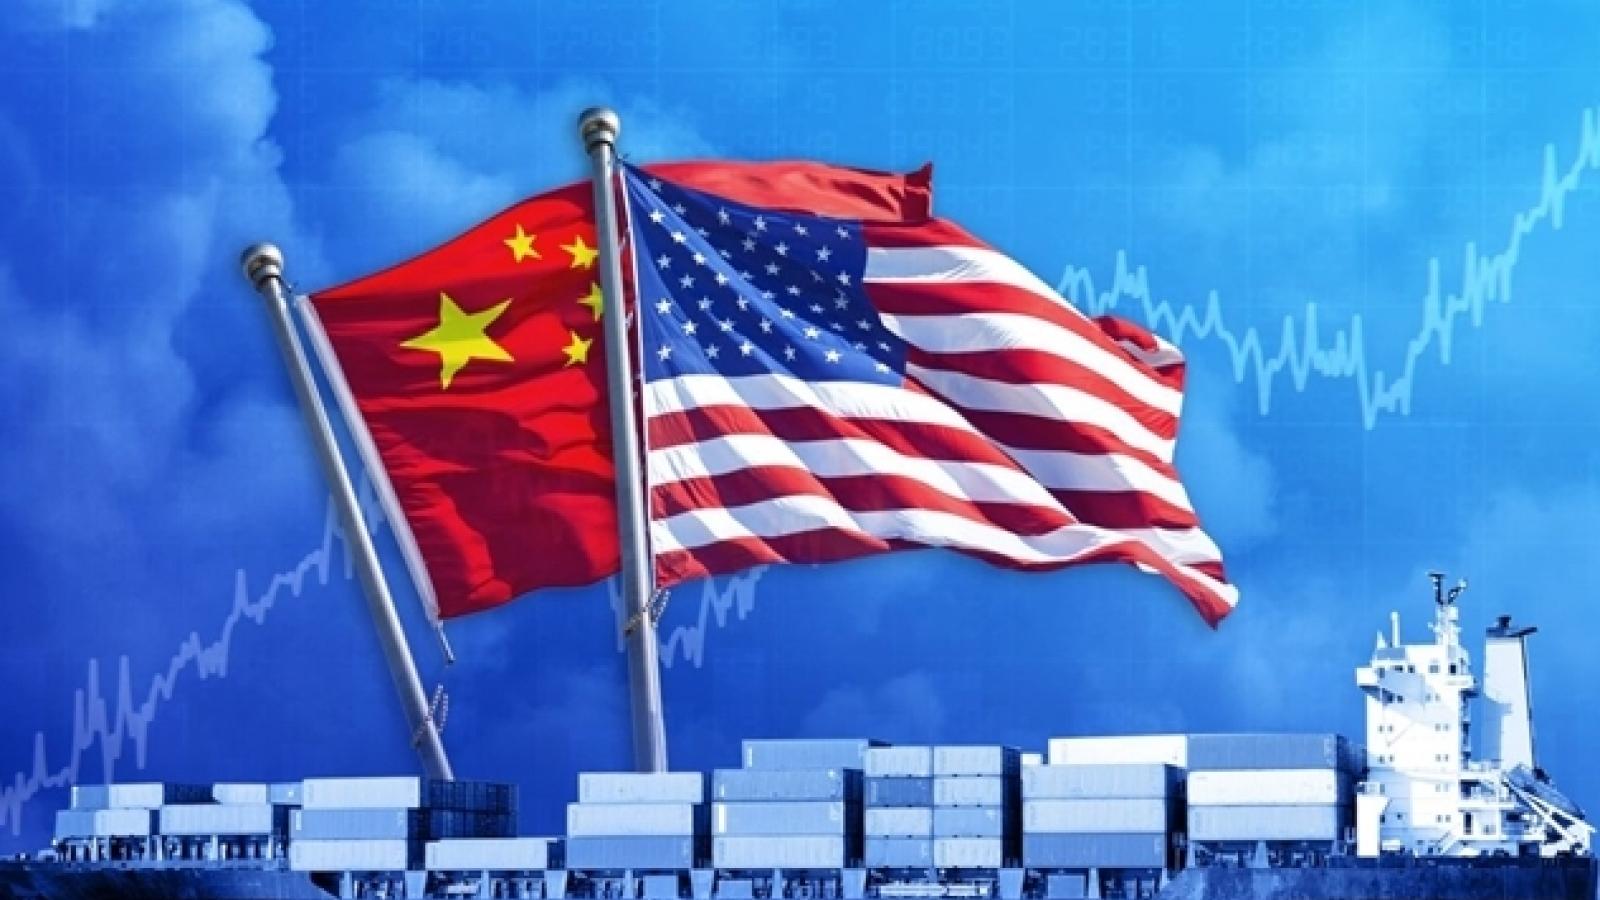 Tổng thống Joe Biden dự báo Mỹ và Trung Quốc cạnh tranh kinh tế khốc liệt